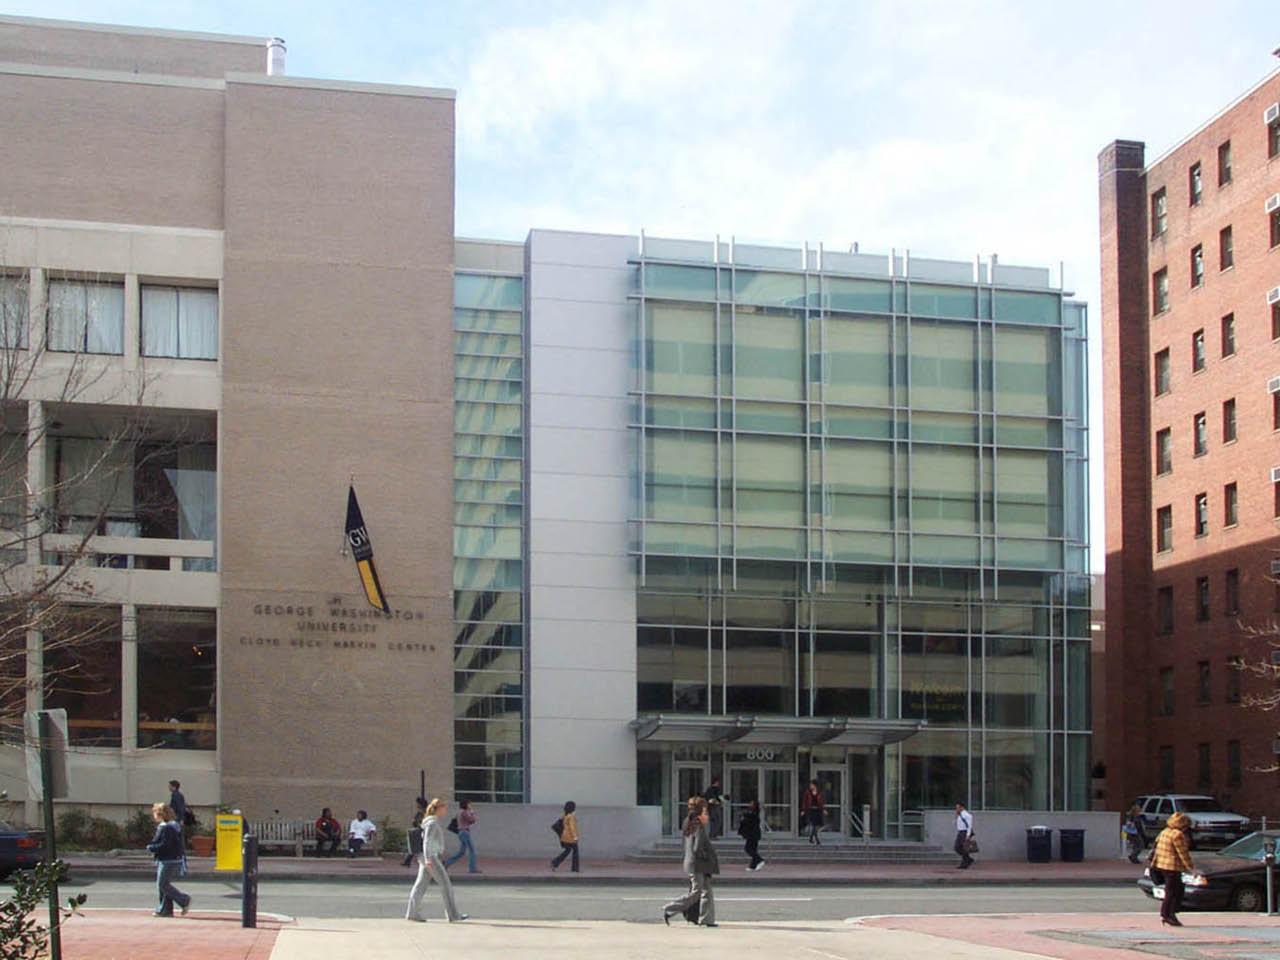 kevin-hom-architect-university-college-architect-george-washington-university-1